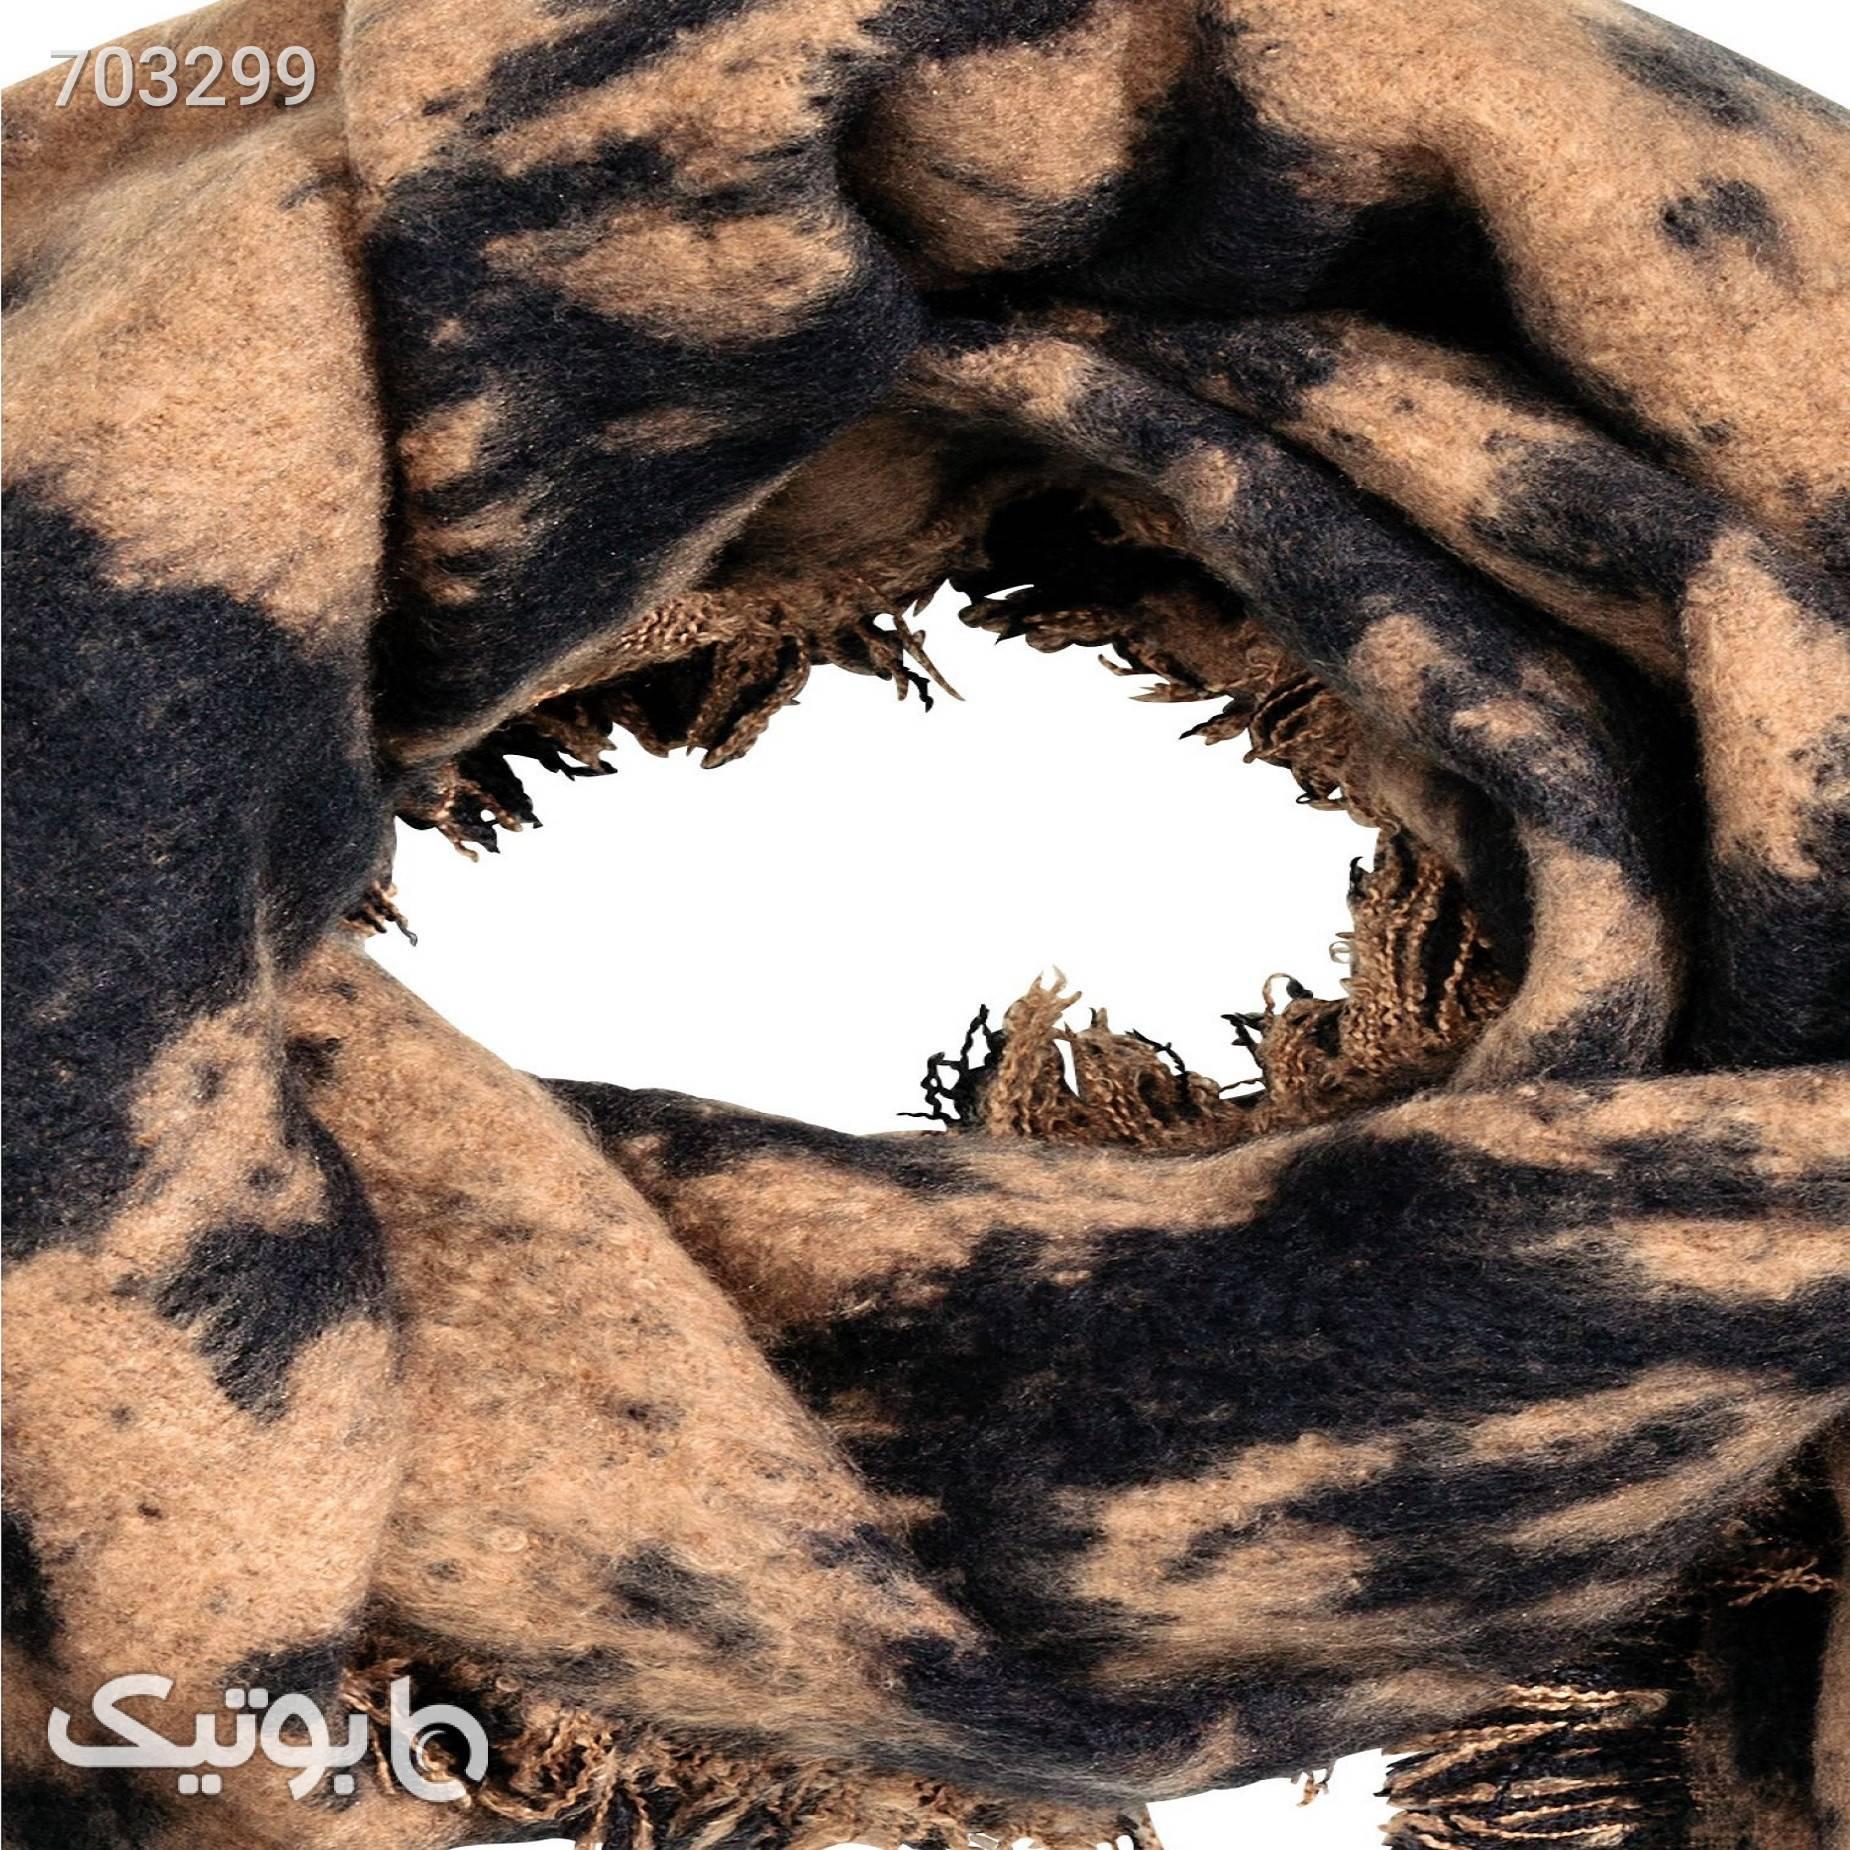 شال بافتزنانه اچ اند ام مدل 00339 قهوه ای شال و روسری